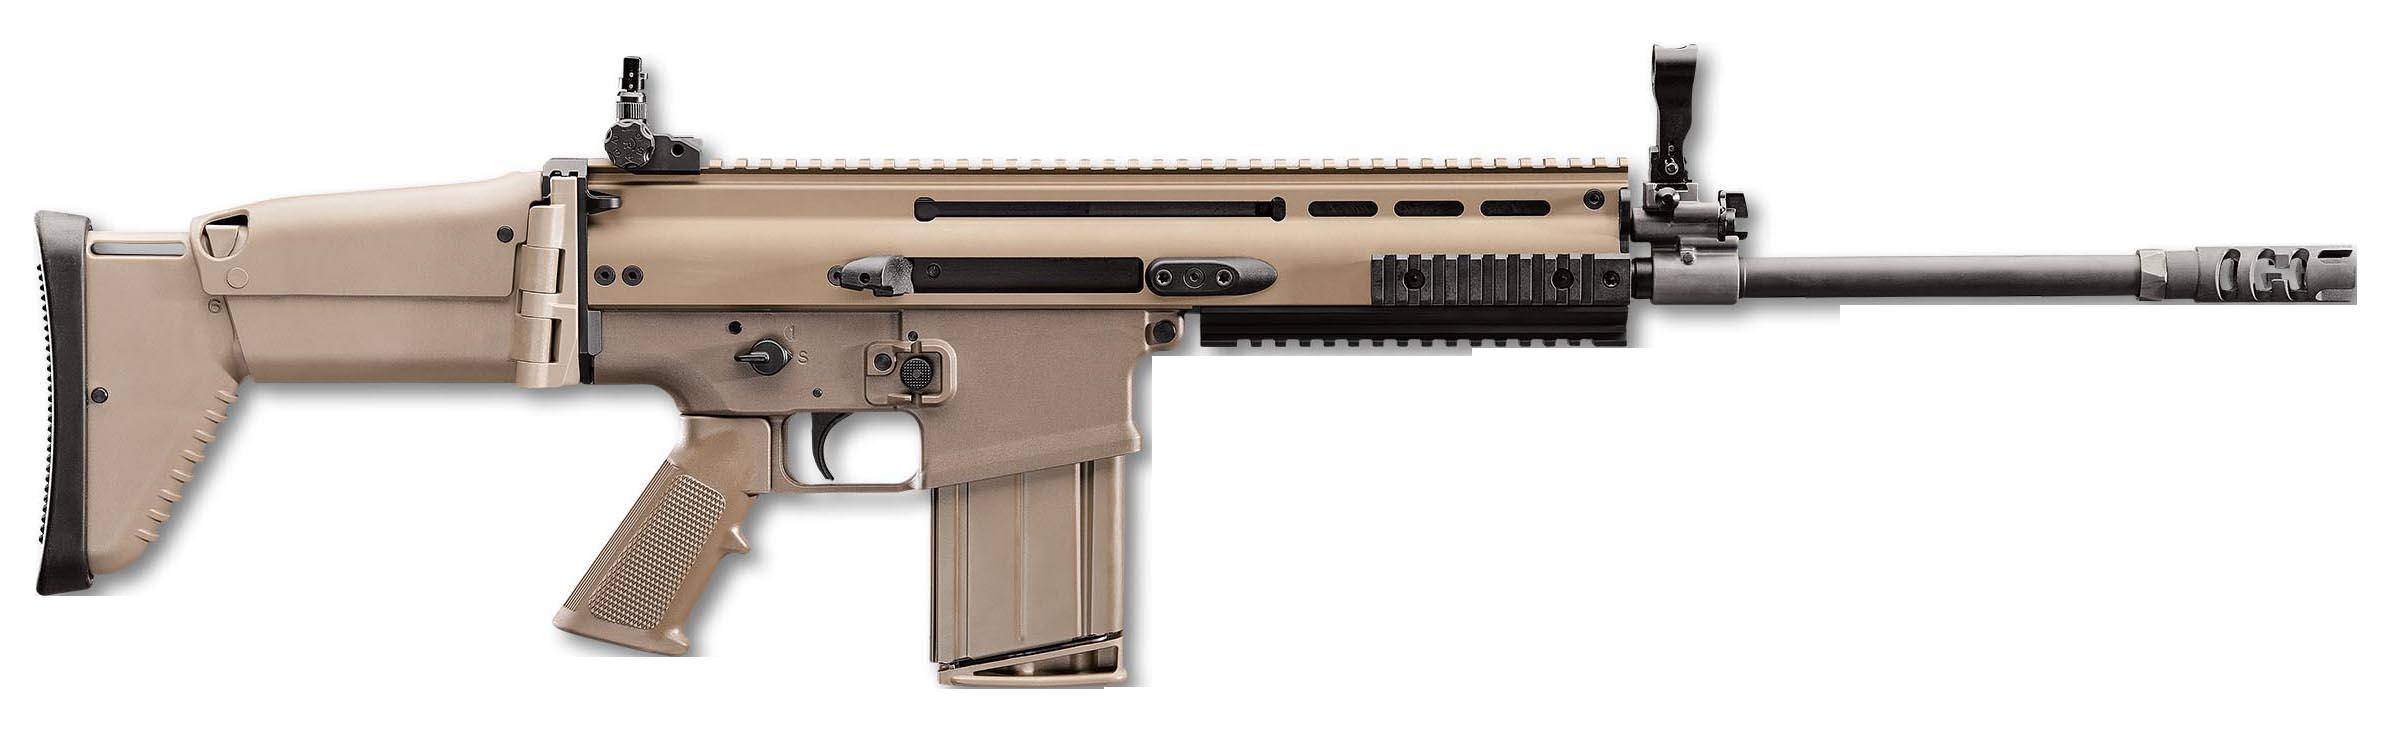 FN 985411 SCAR 17S American Semi-Automatic 308 Winchester/7 62 NATO 16 2